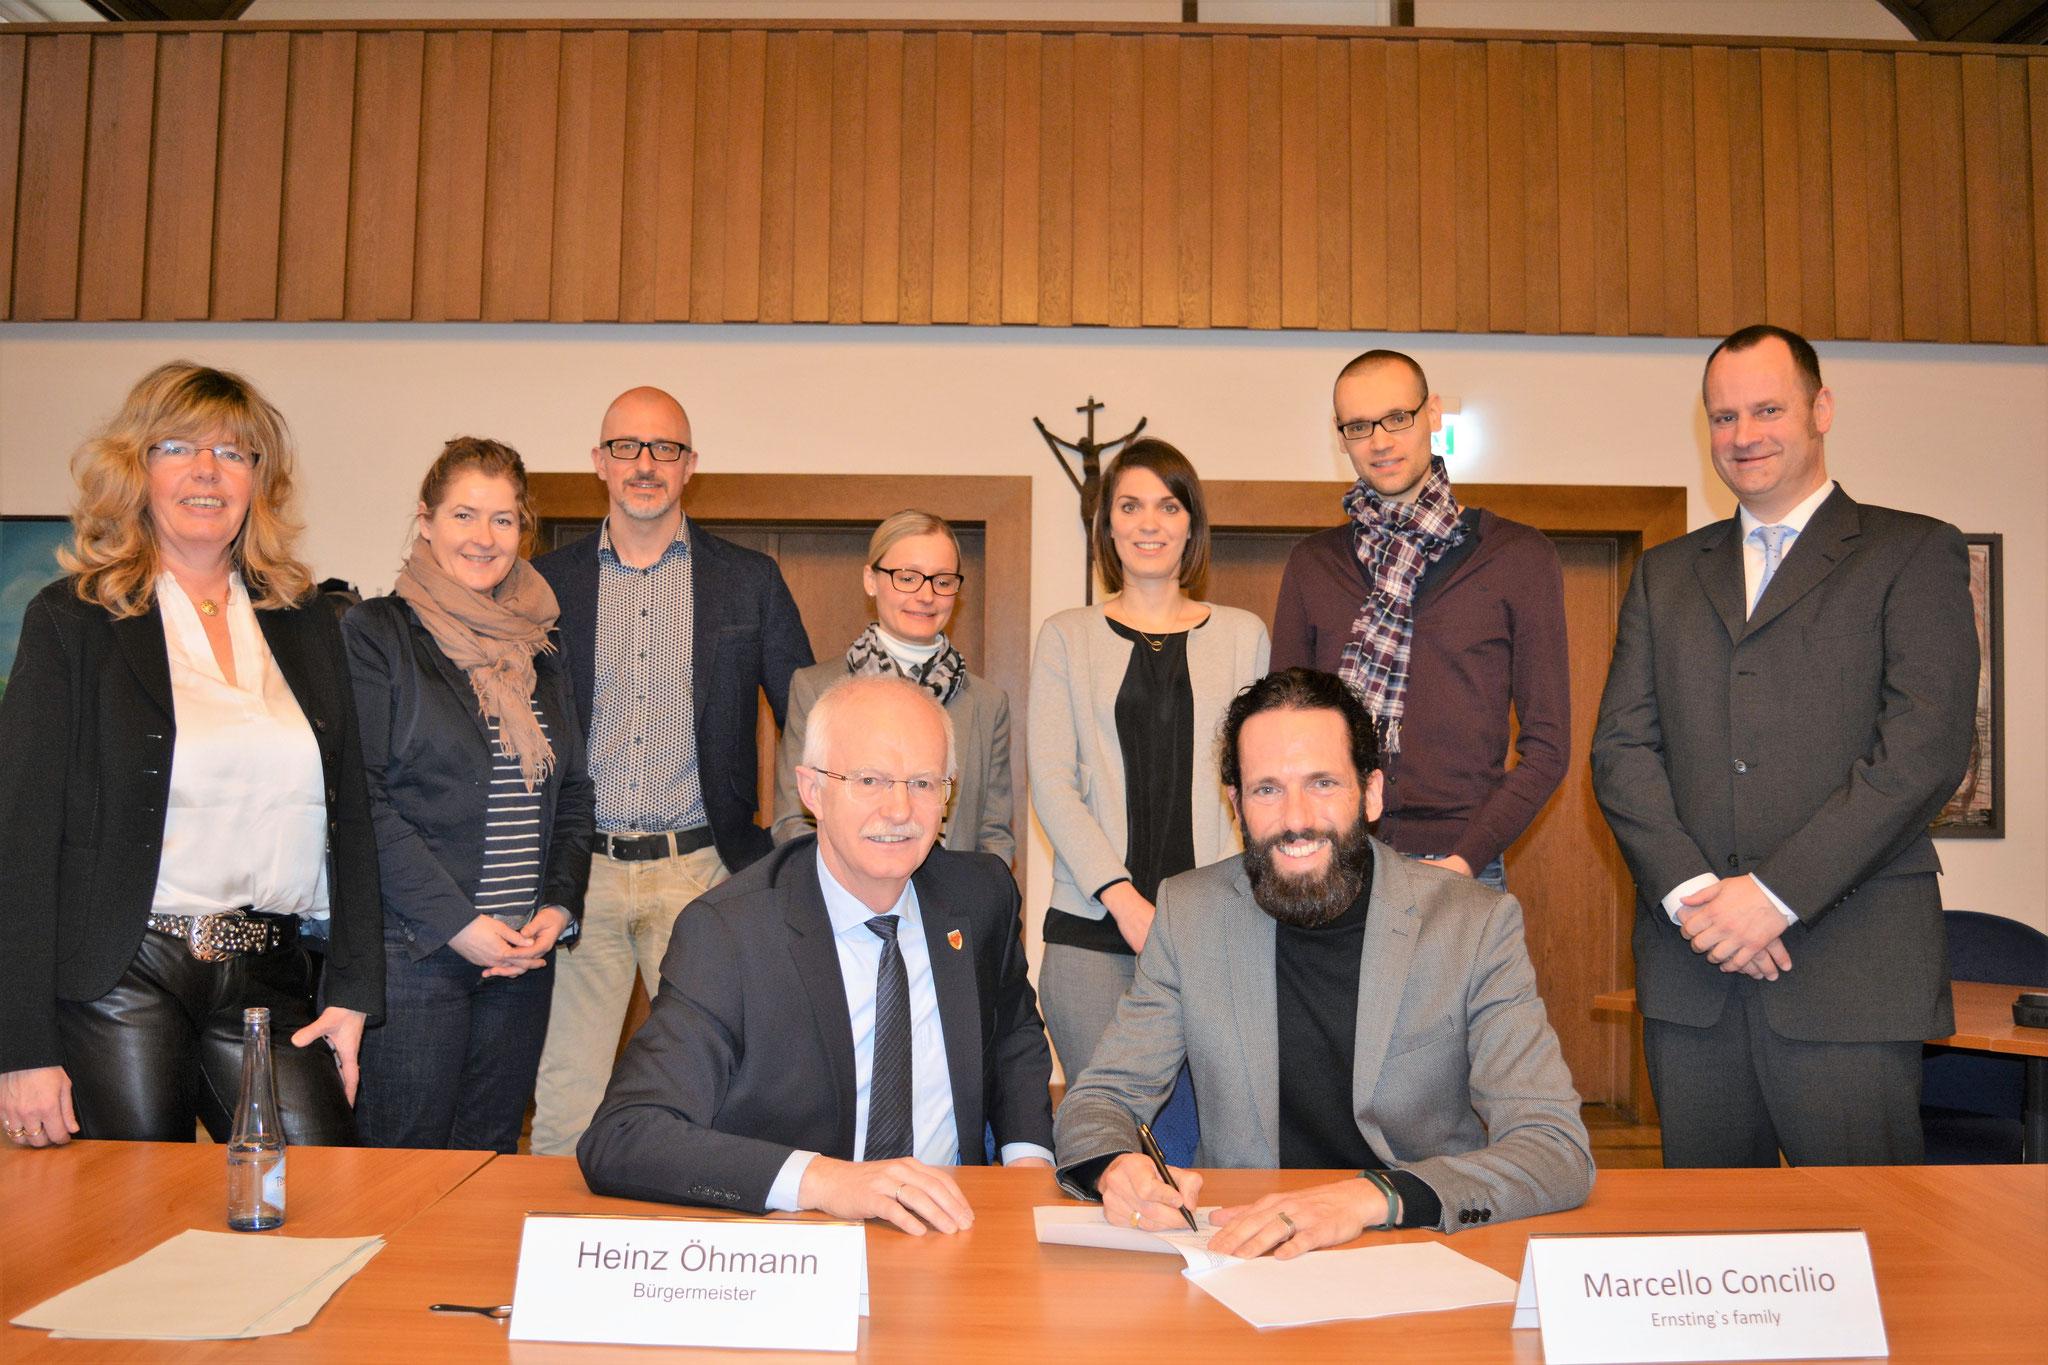 Die Sponsoren des Angebots unterzeichnen die Verträge über die Co-Finanzierung des Angebots. Foto: wfc